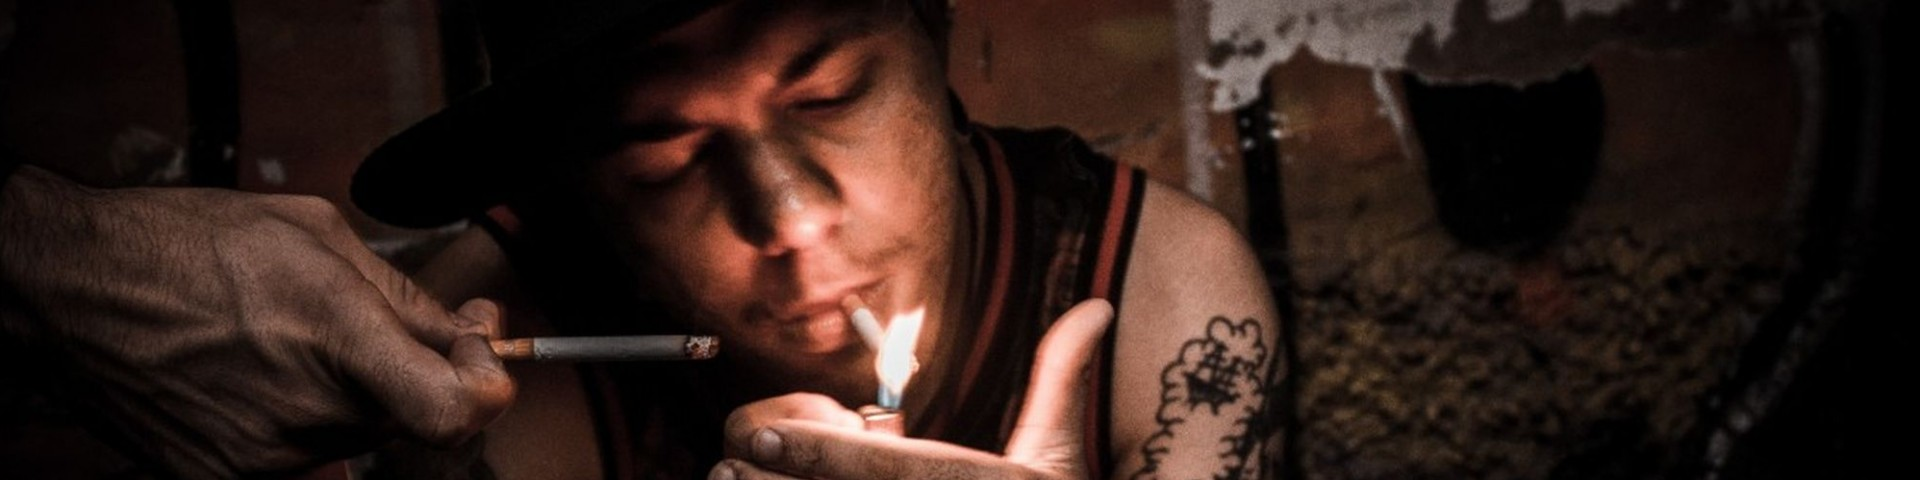 I tabacchi sono aperti?